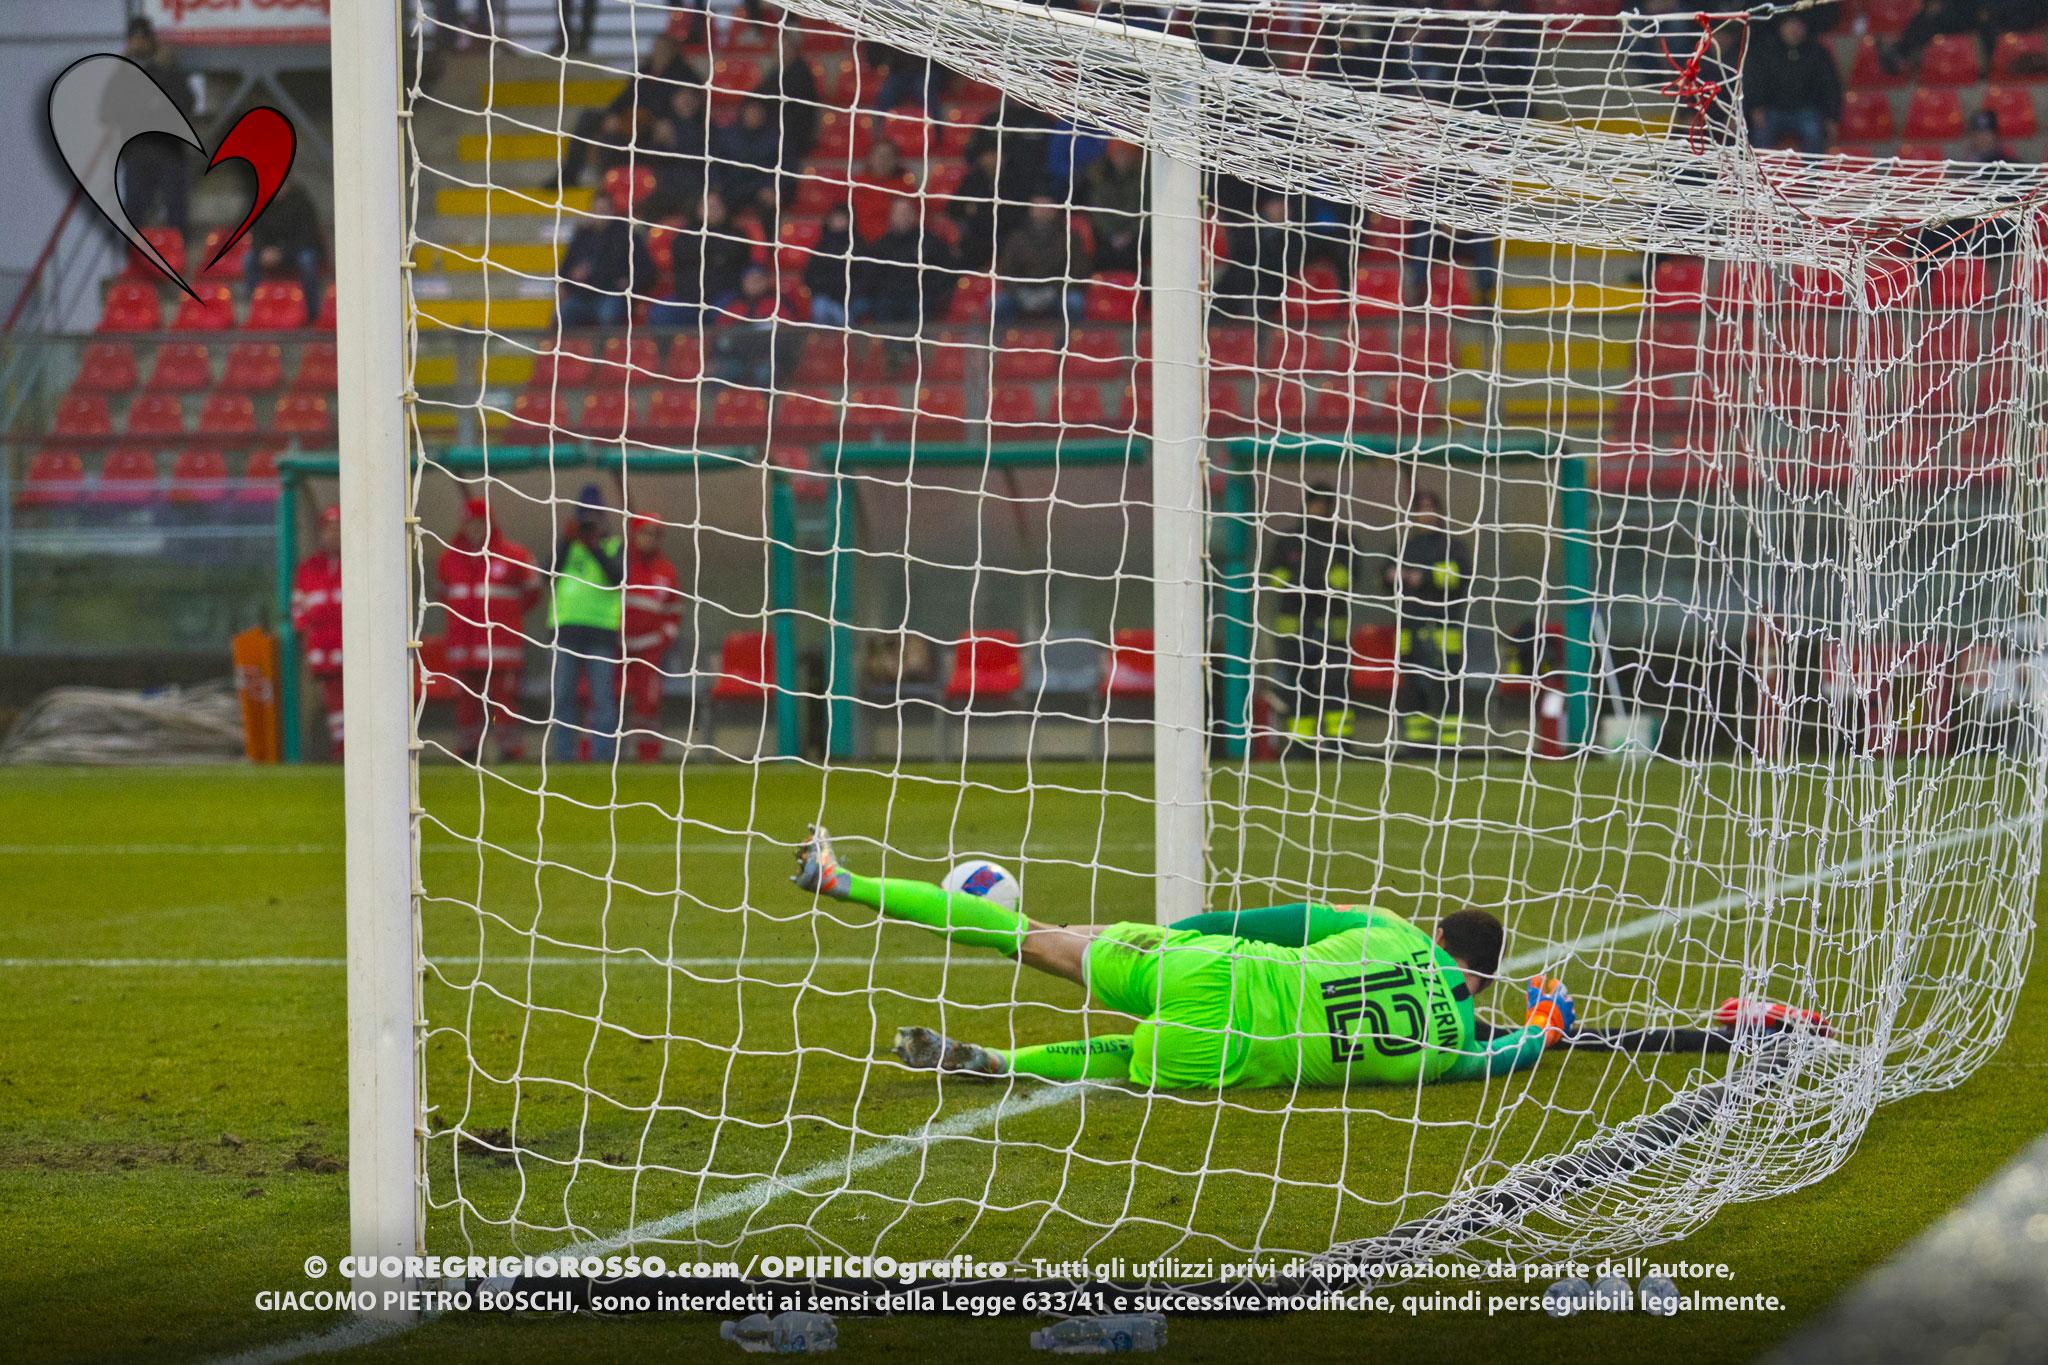 Classifica marcatori, Cremo senza gol con il Venezia